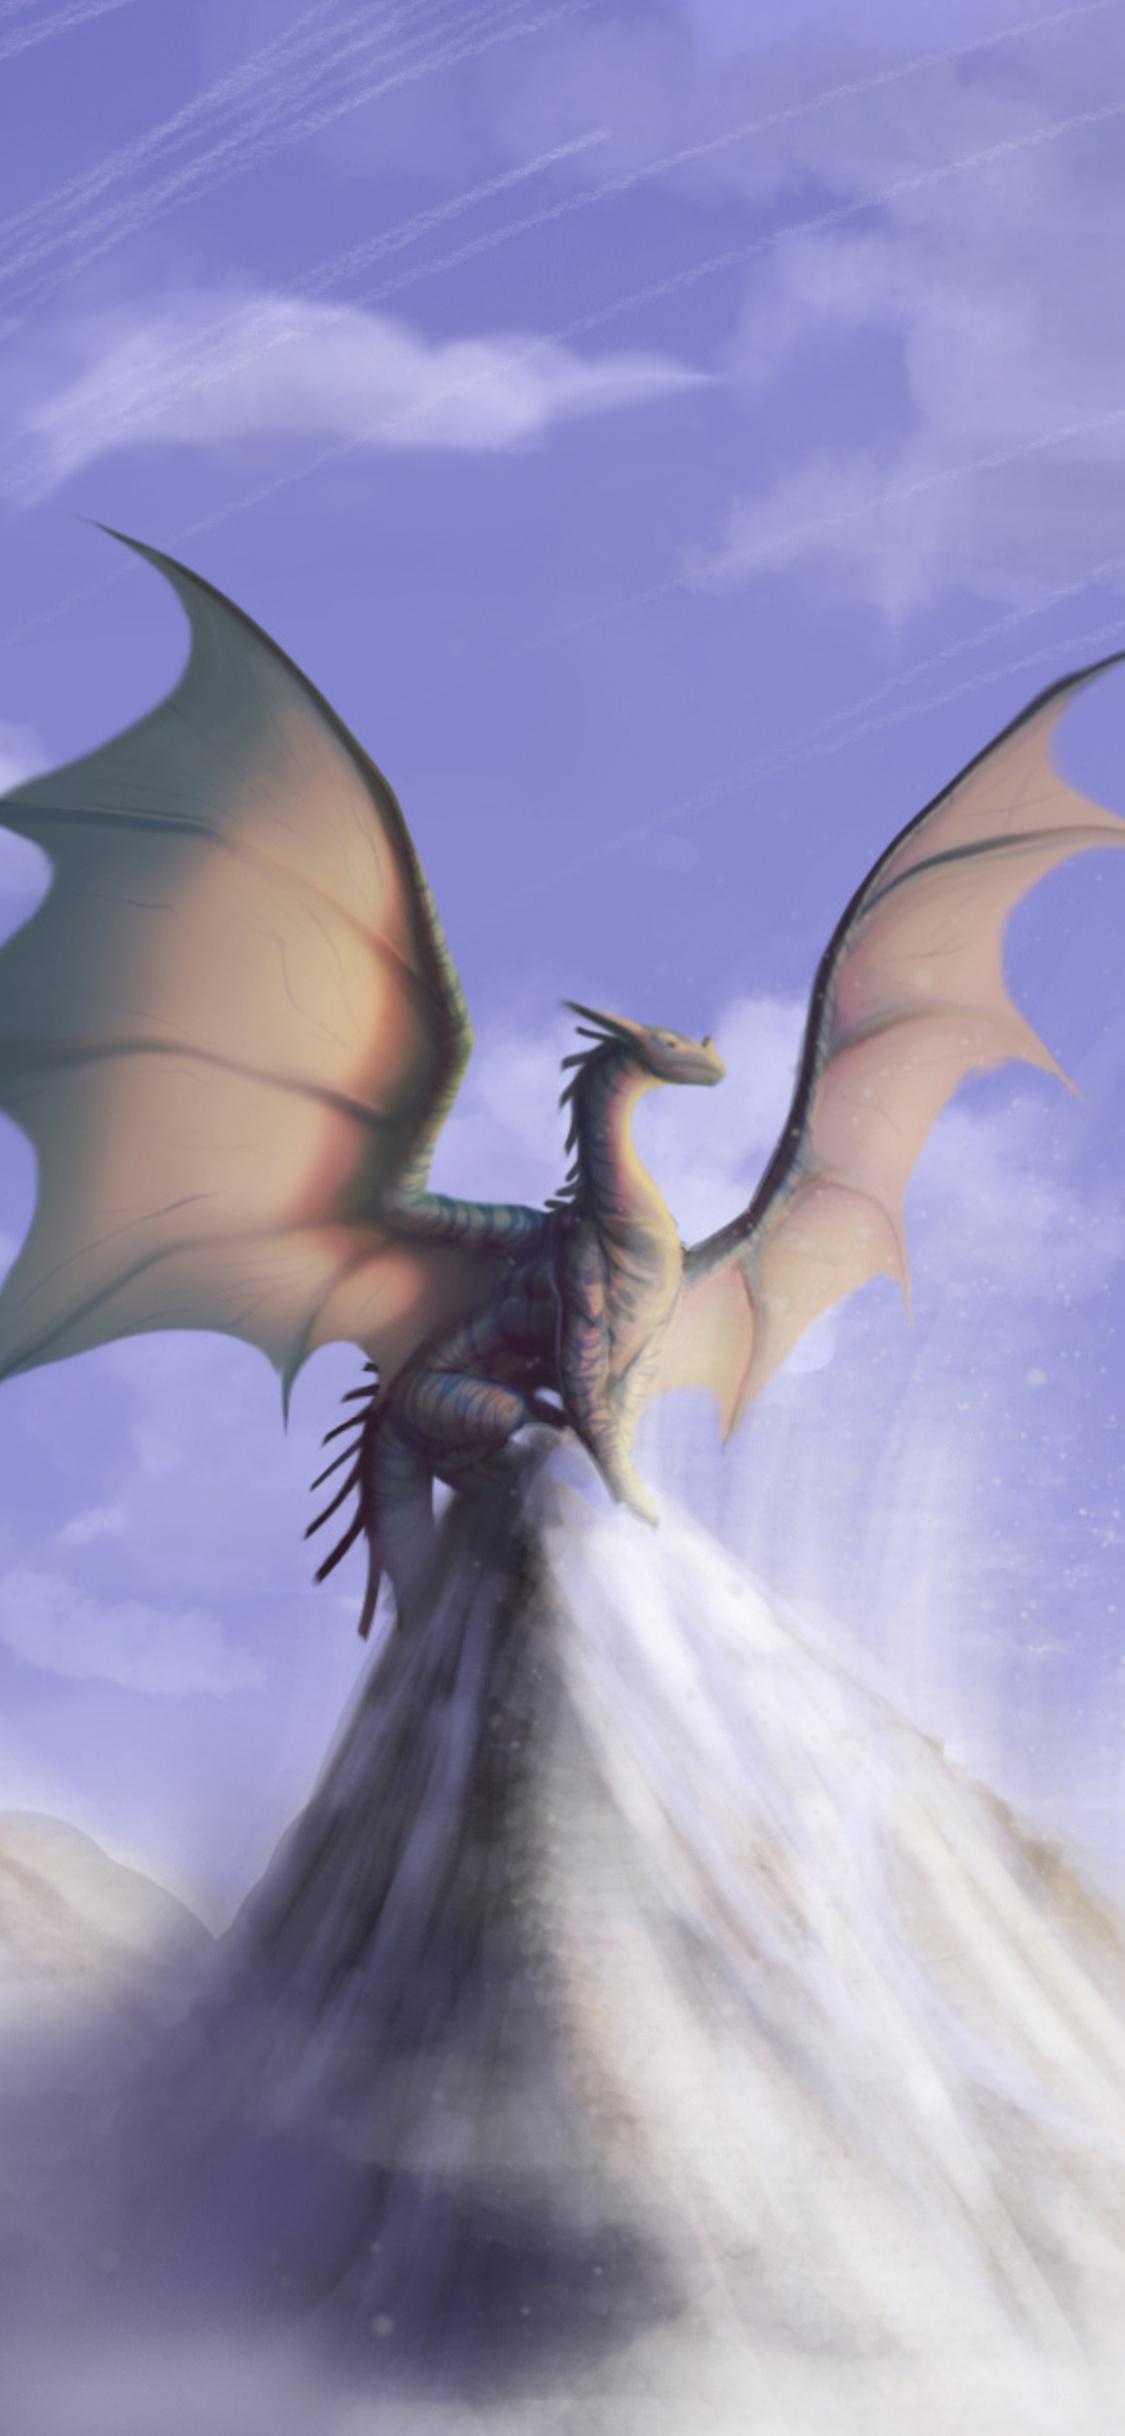 big-dragon-on-mountain-hd.jpg